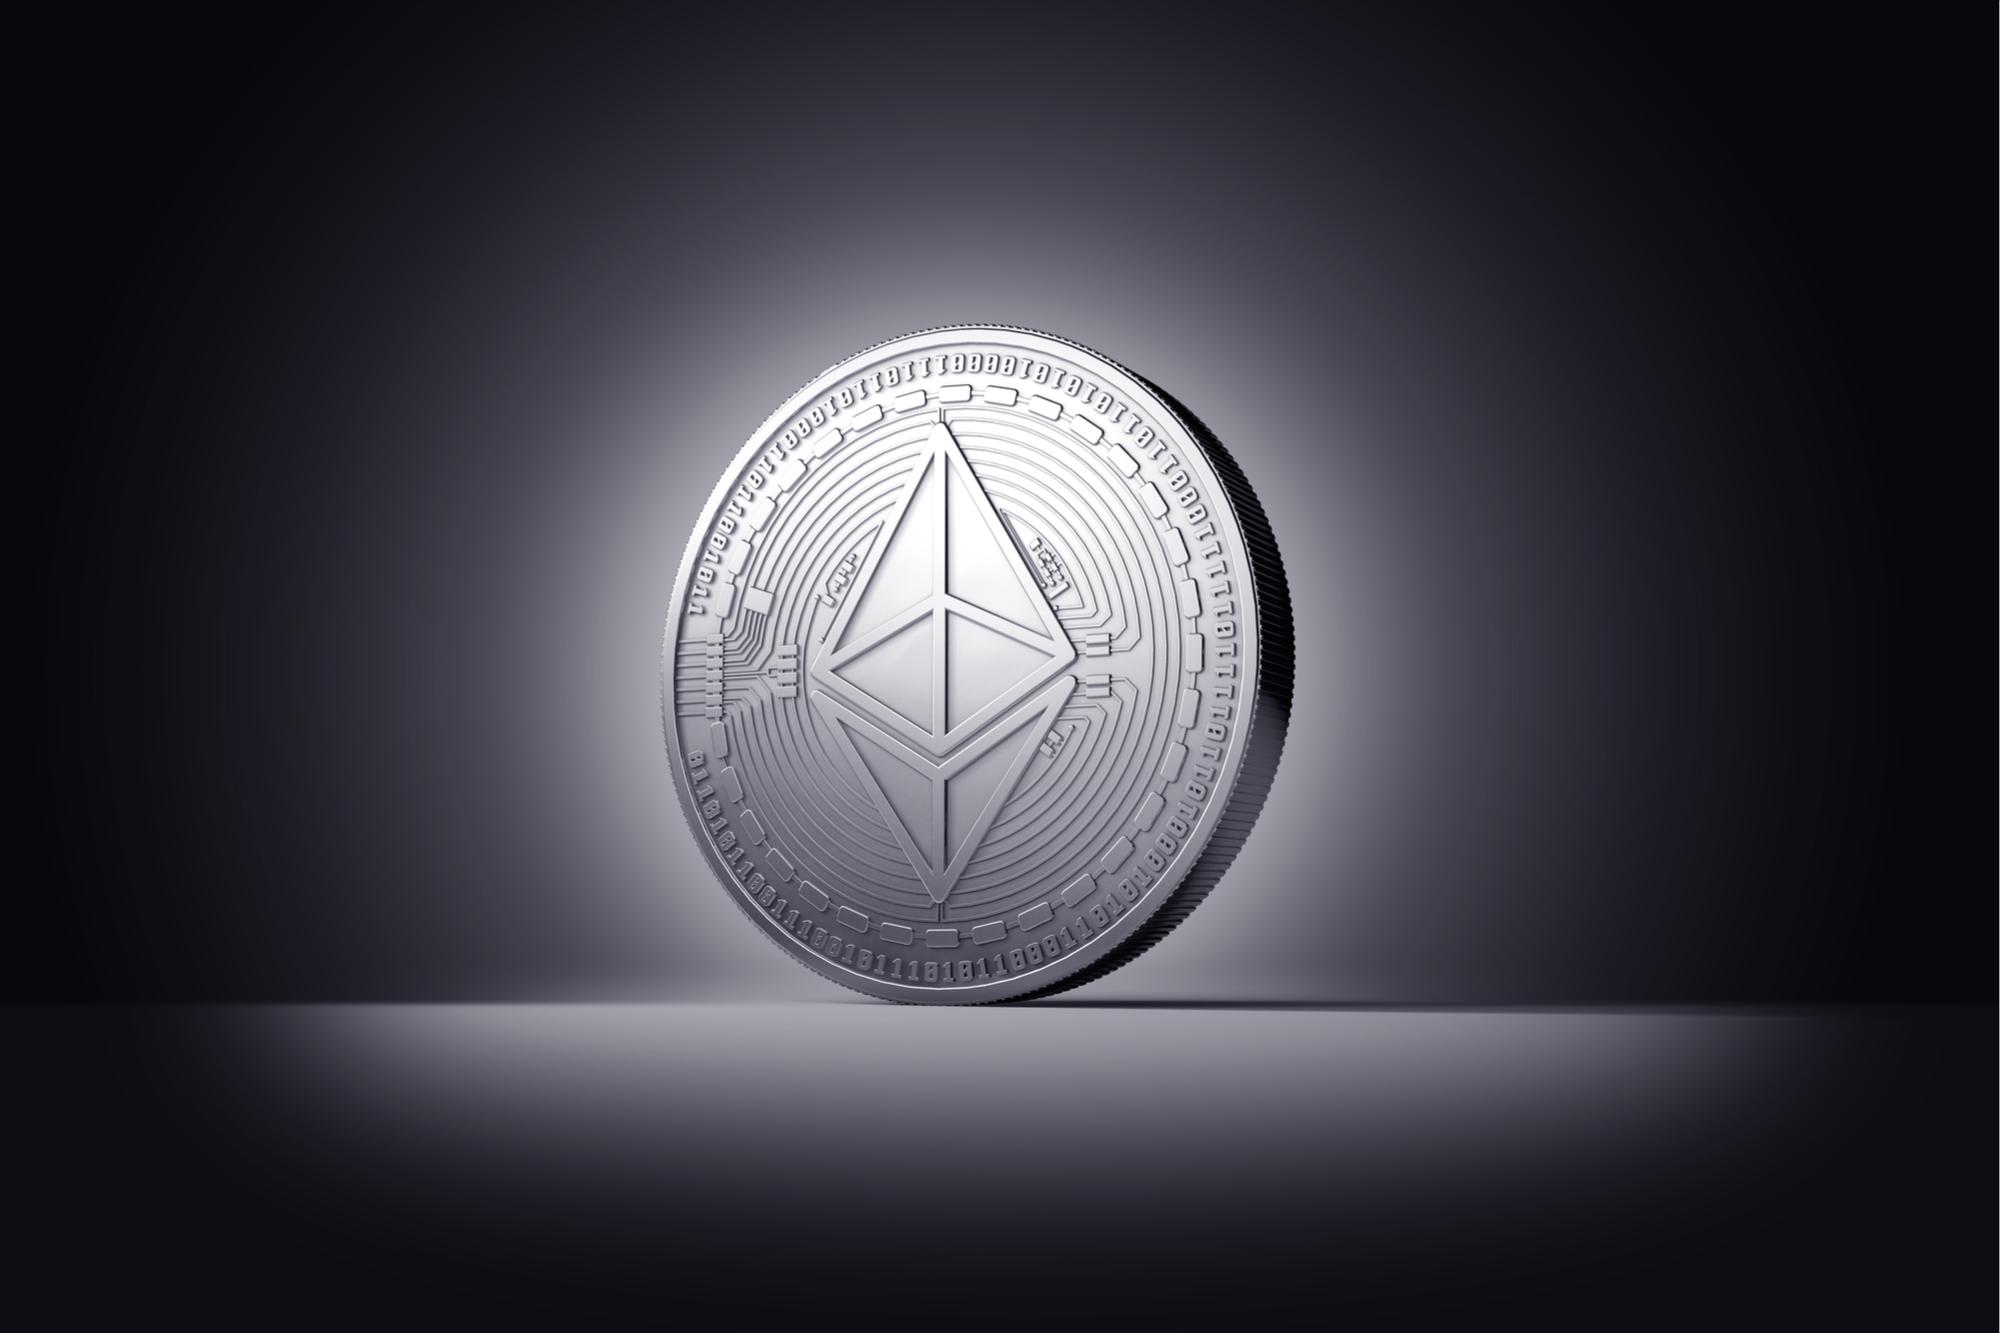 Ethereum là gì? Hướng dẫn chi tiết về Ethereum cho người mới bắt đầu